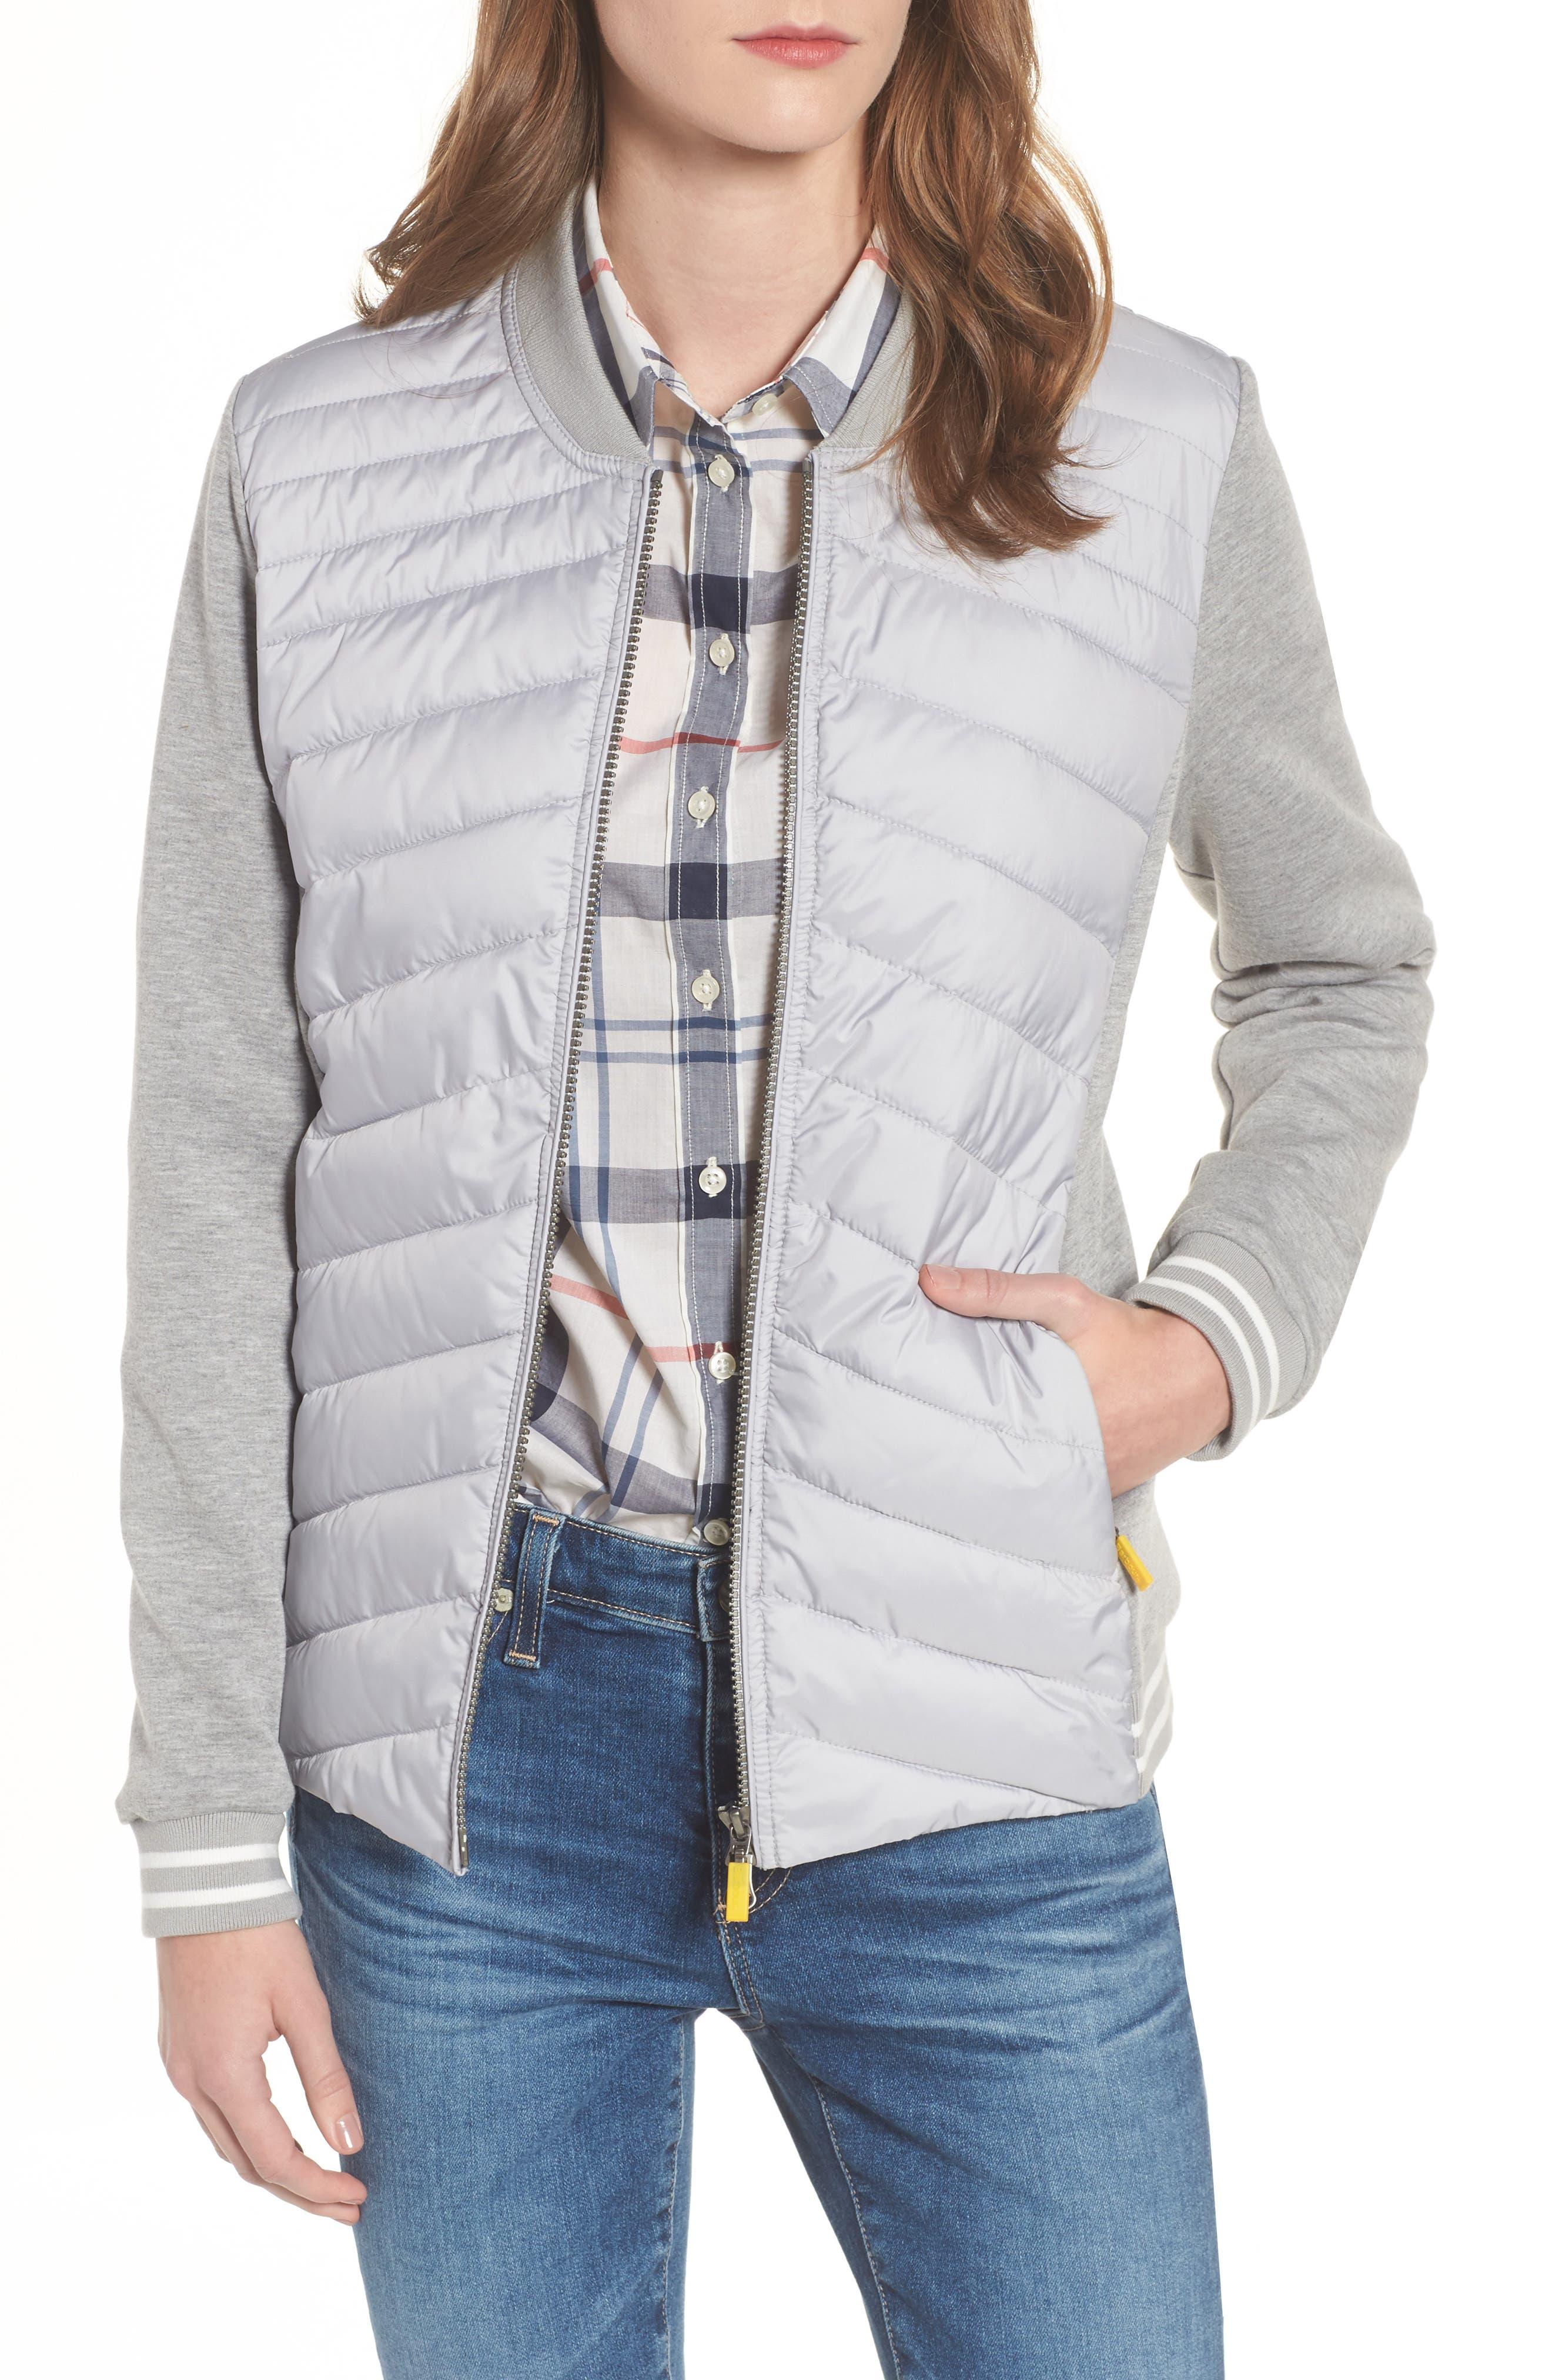 Pembrey Sweatshirt Jacket,                         Main,                         color, 050